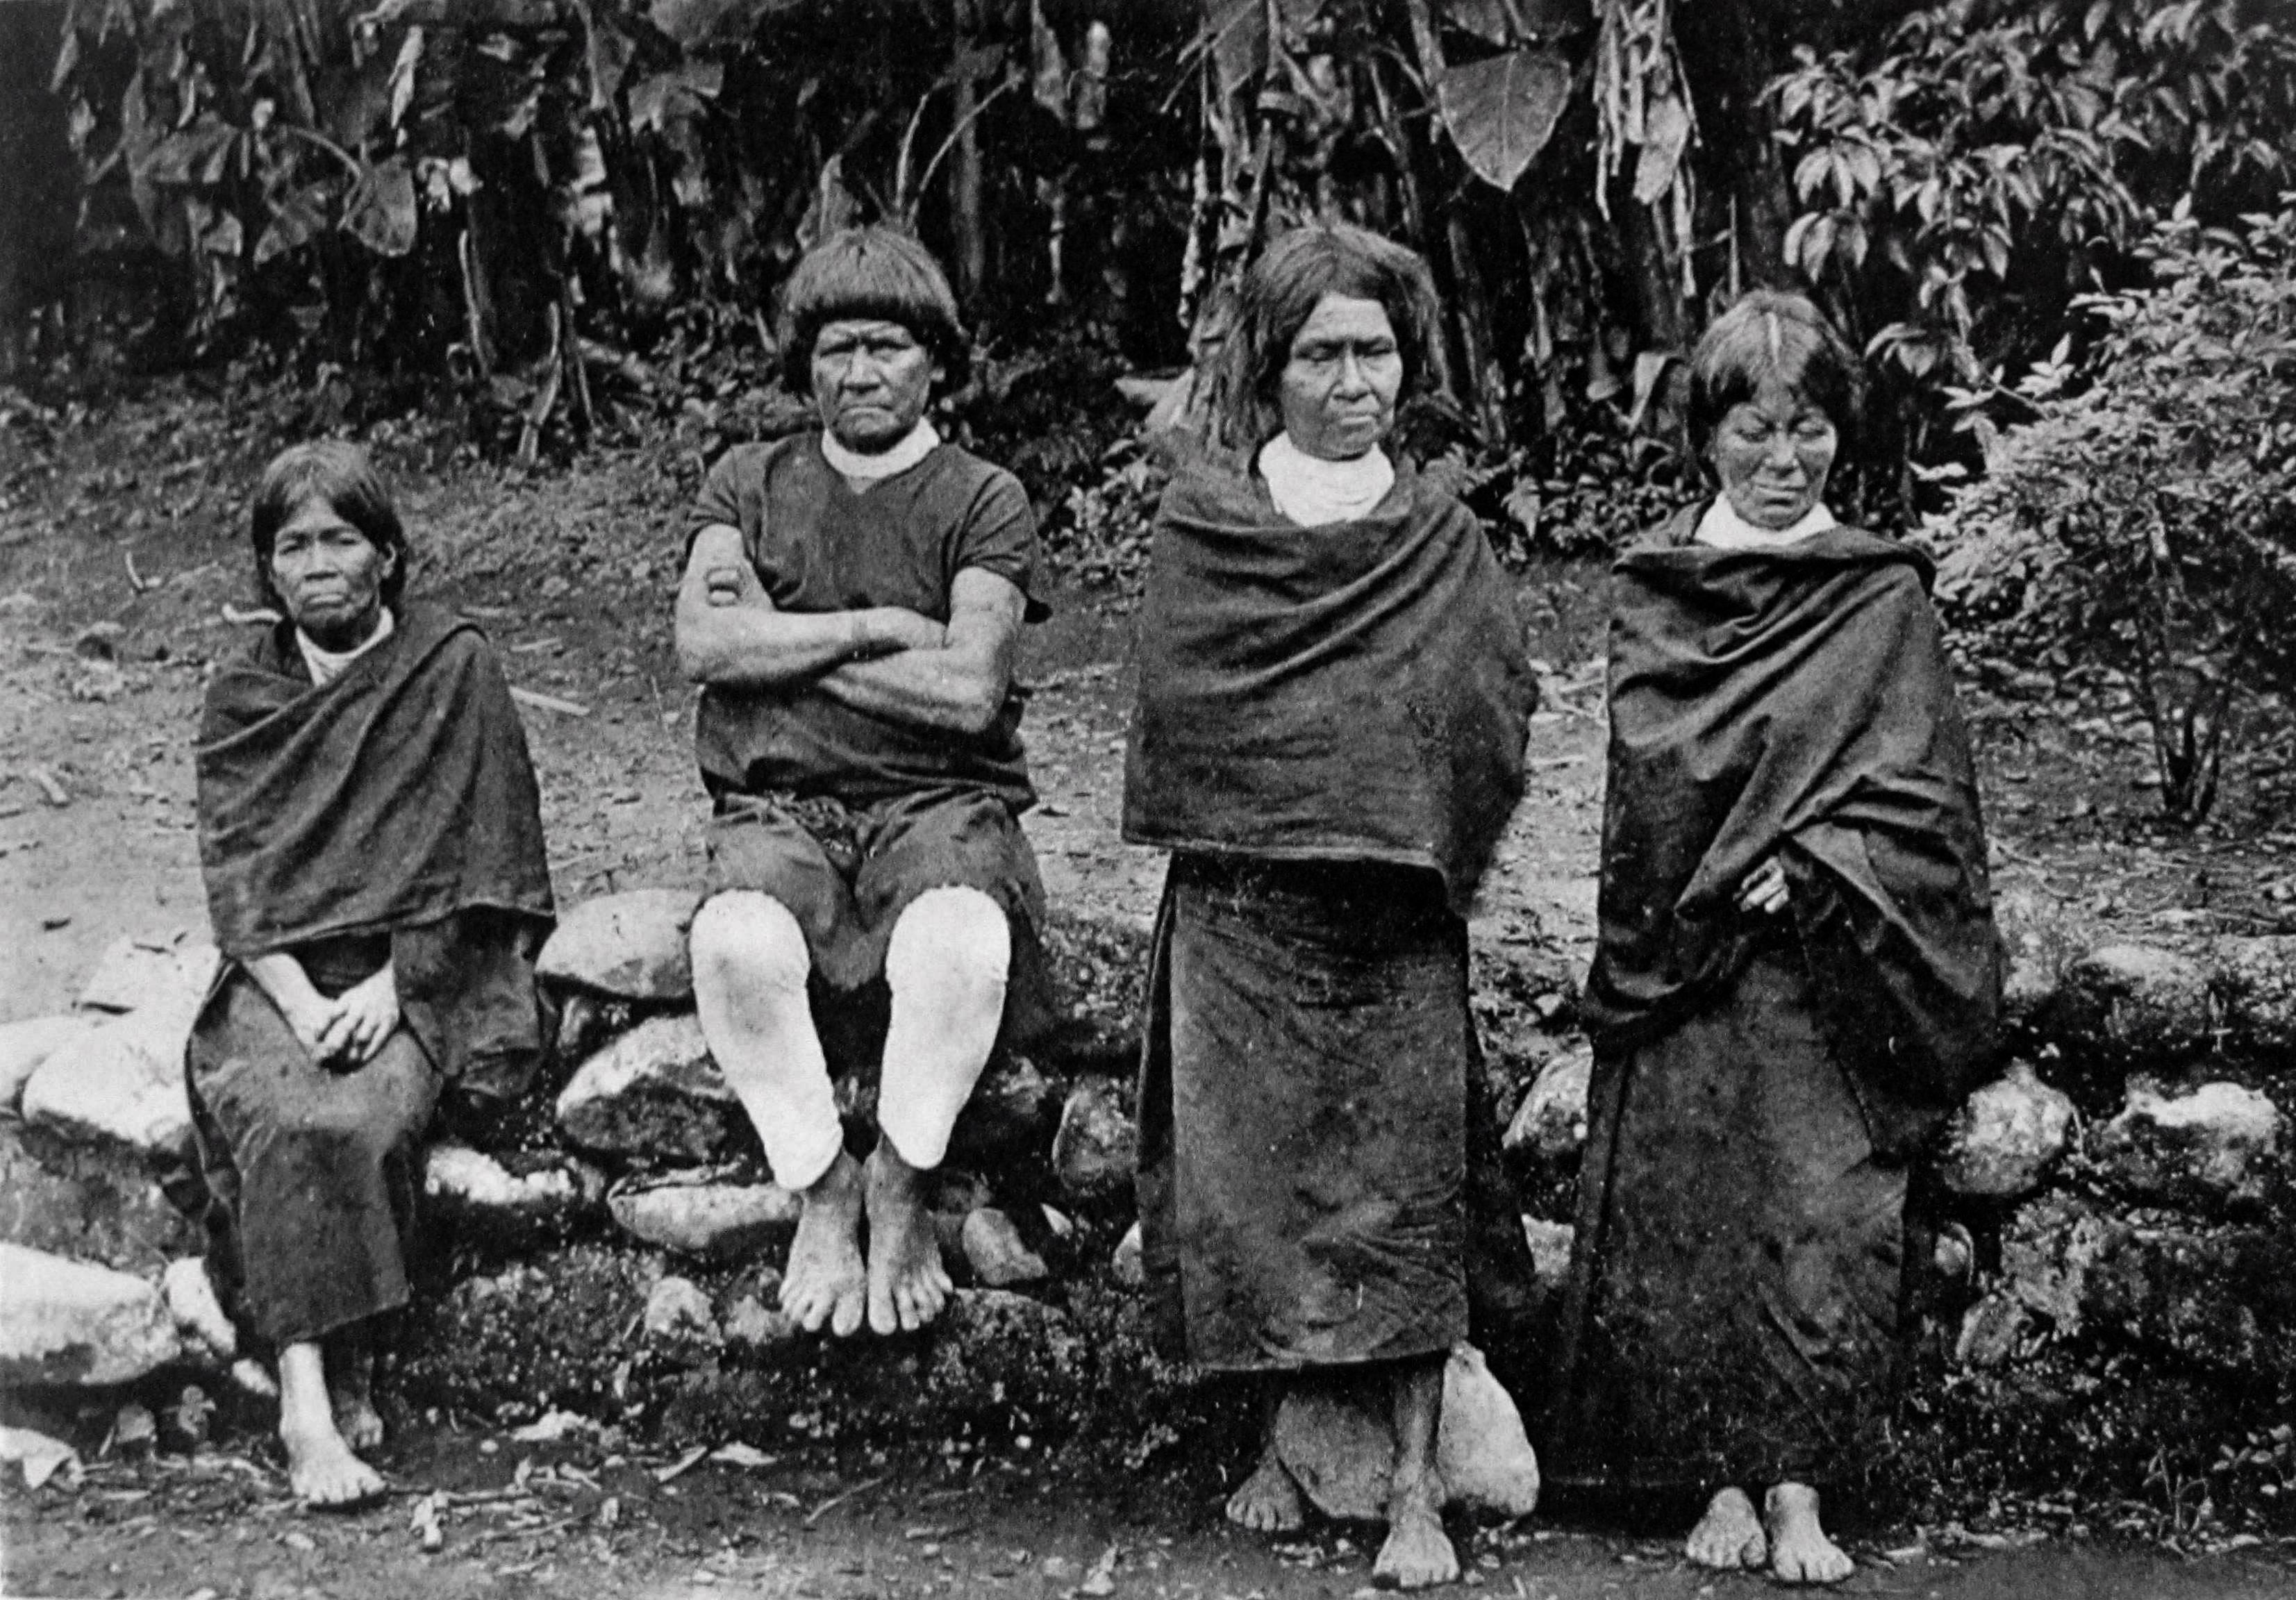 Indígenas y misioneros en las imágenes de principios del siglo XX